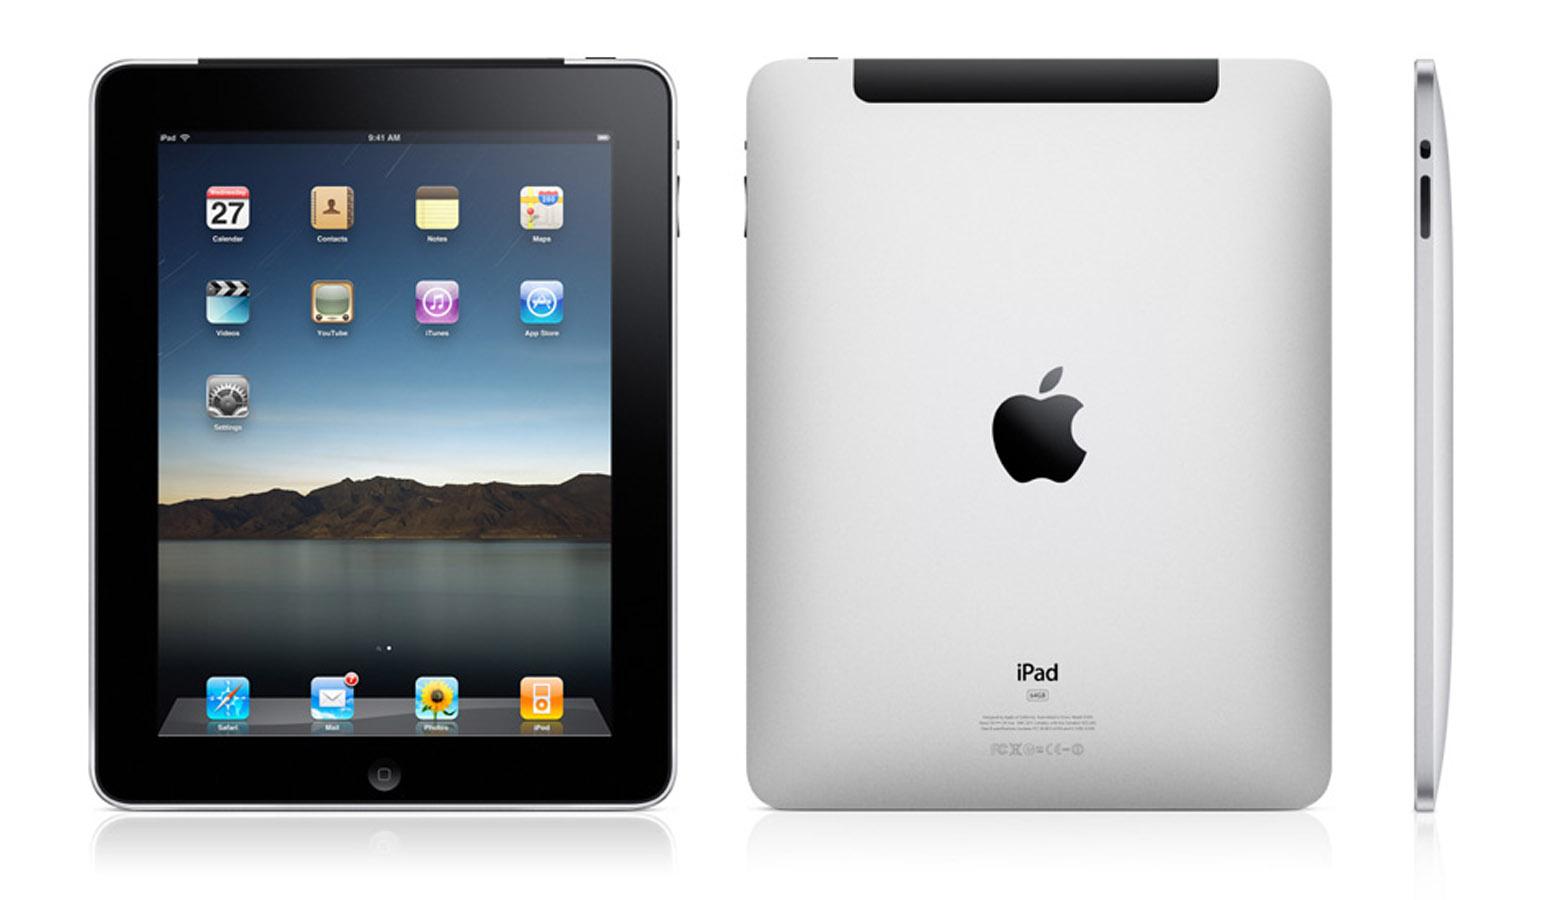 Apple iPad 2 Wi-Fi + 3G Özellikleri - Technopat Veritabanı